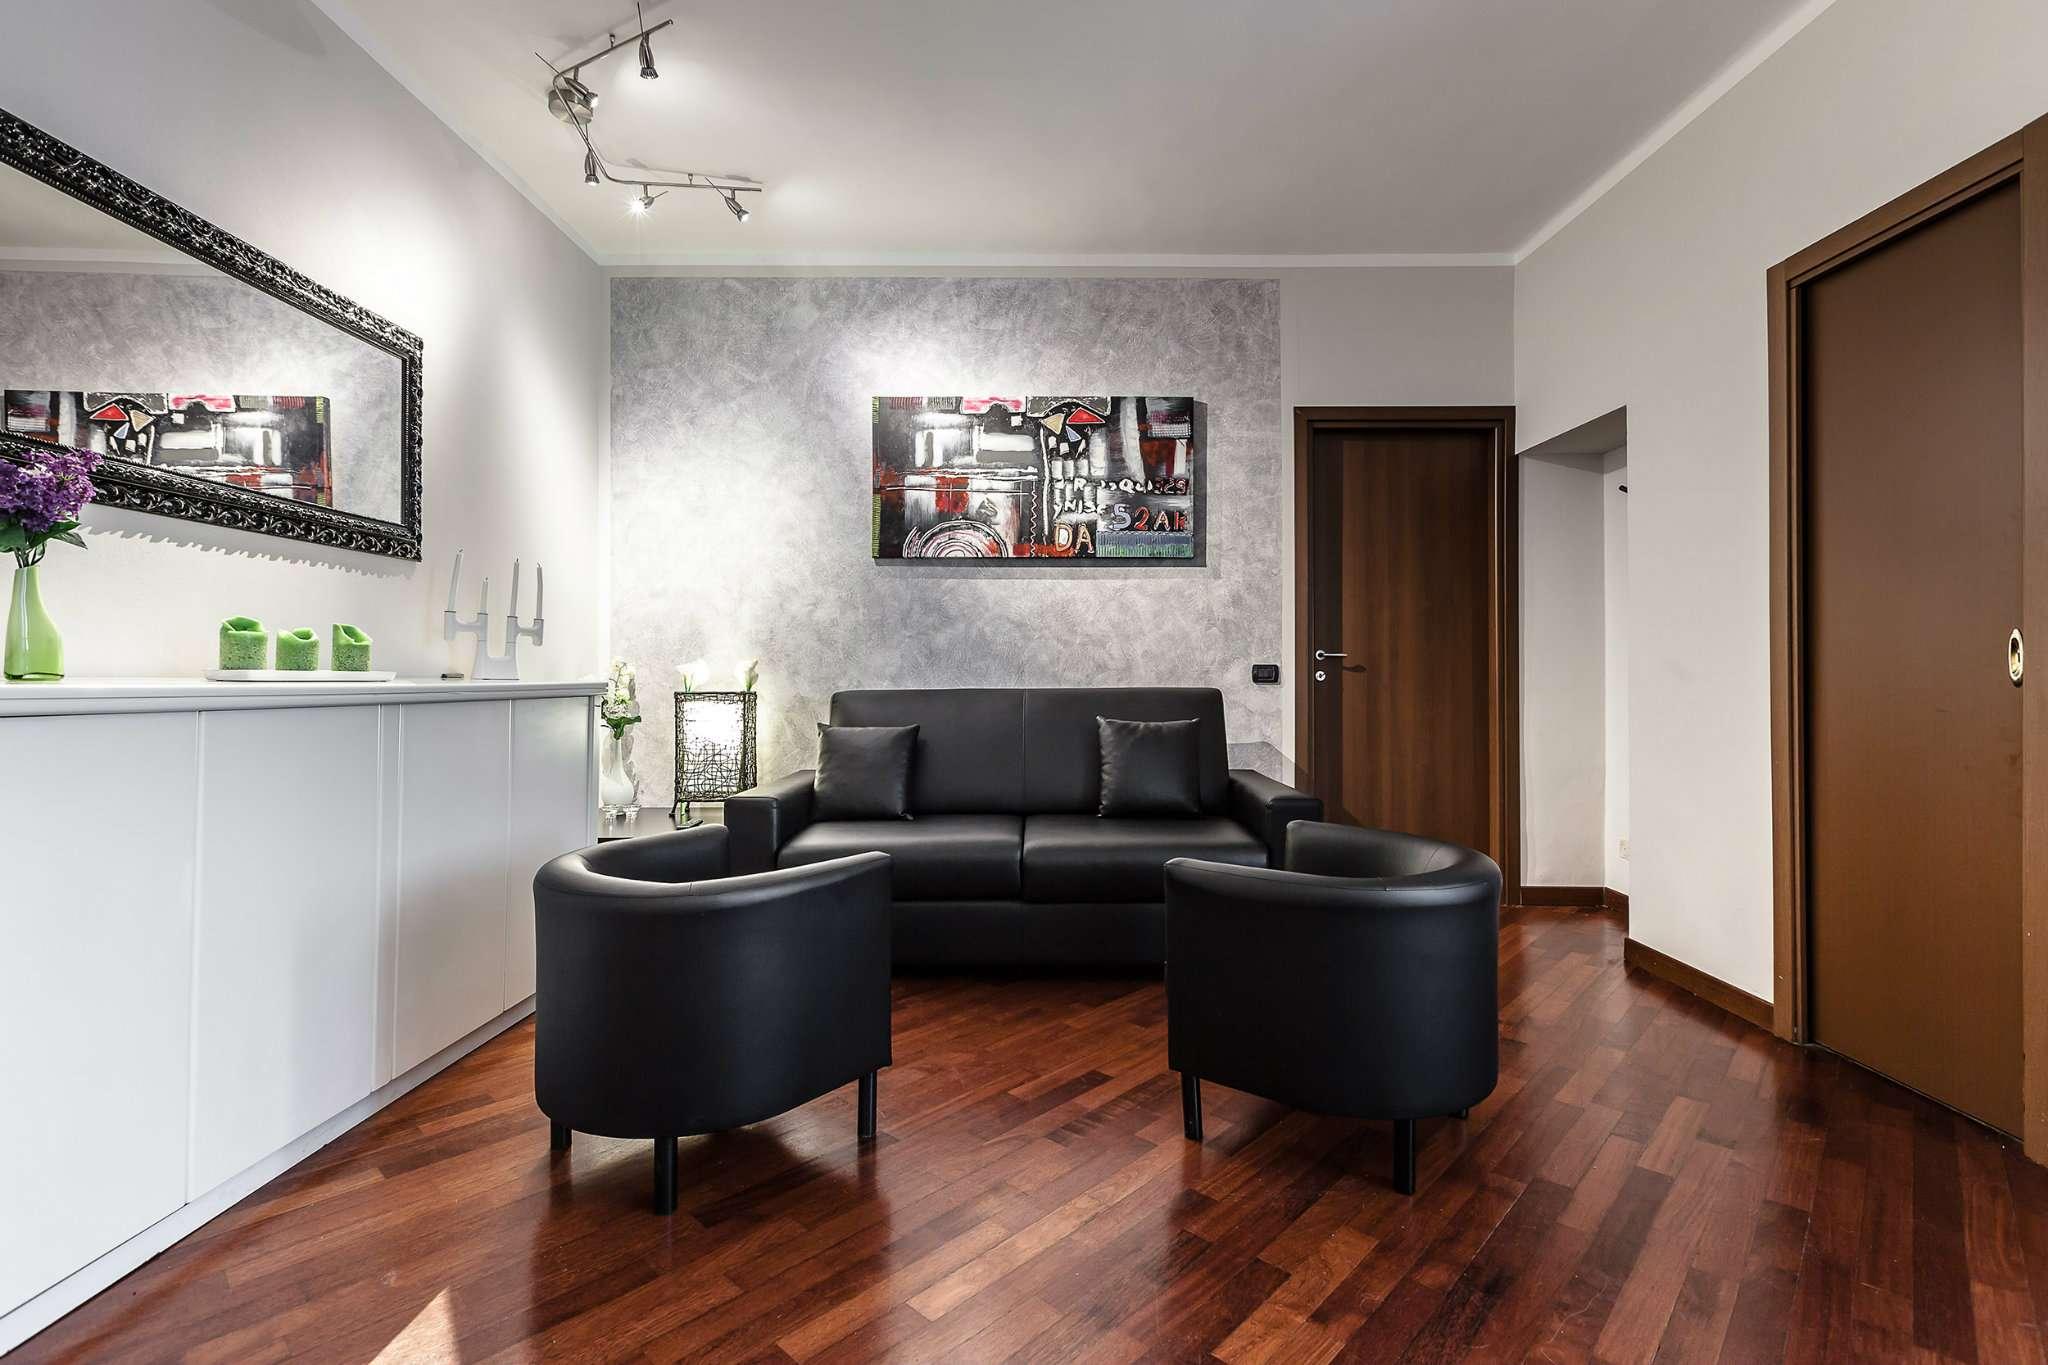 Appartamento in Vendita a Milano 03 Venezia / Piave / Buenos Aires: 2 locali, 85 mq